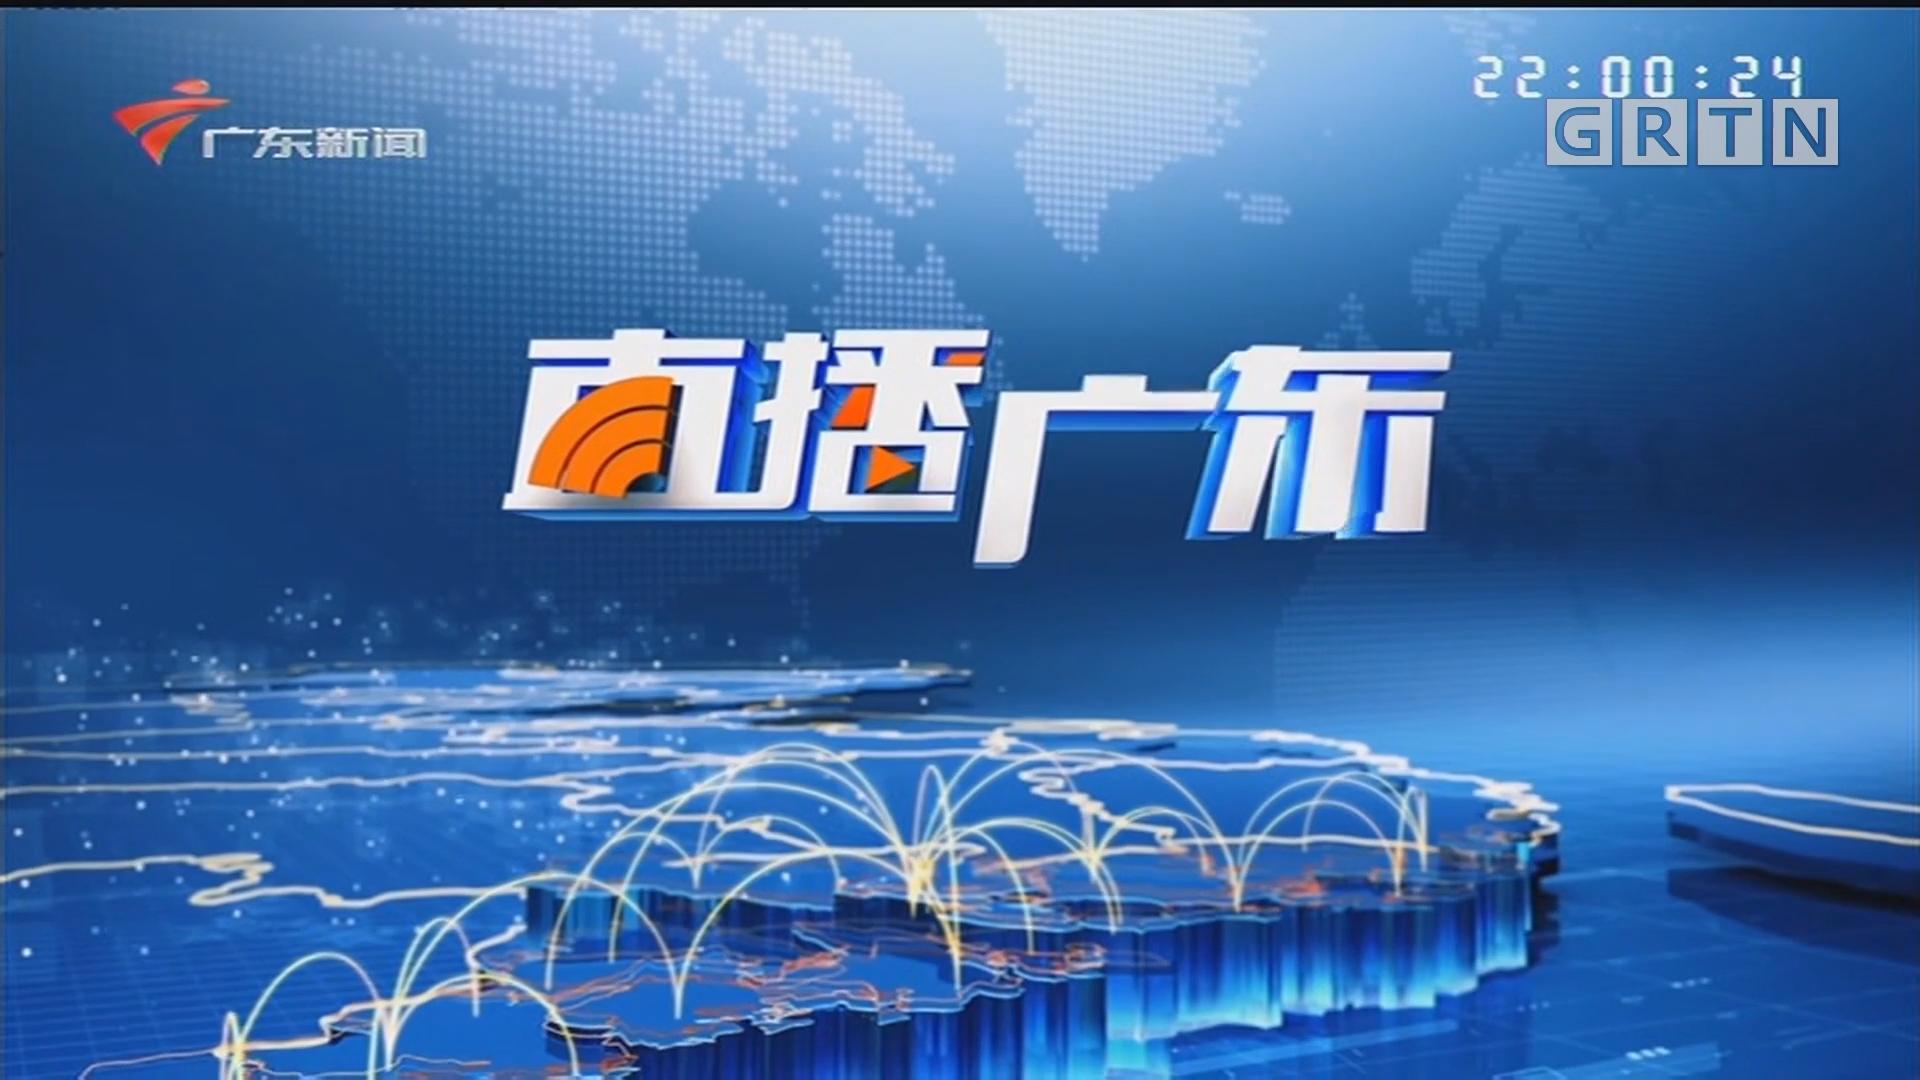 [HD][2020-05-31]直播广东:钟南山:中国已有5款新冠疫苗进行二期临床试验